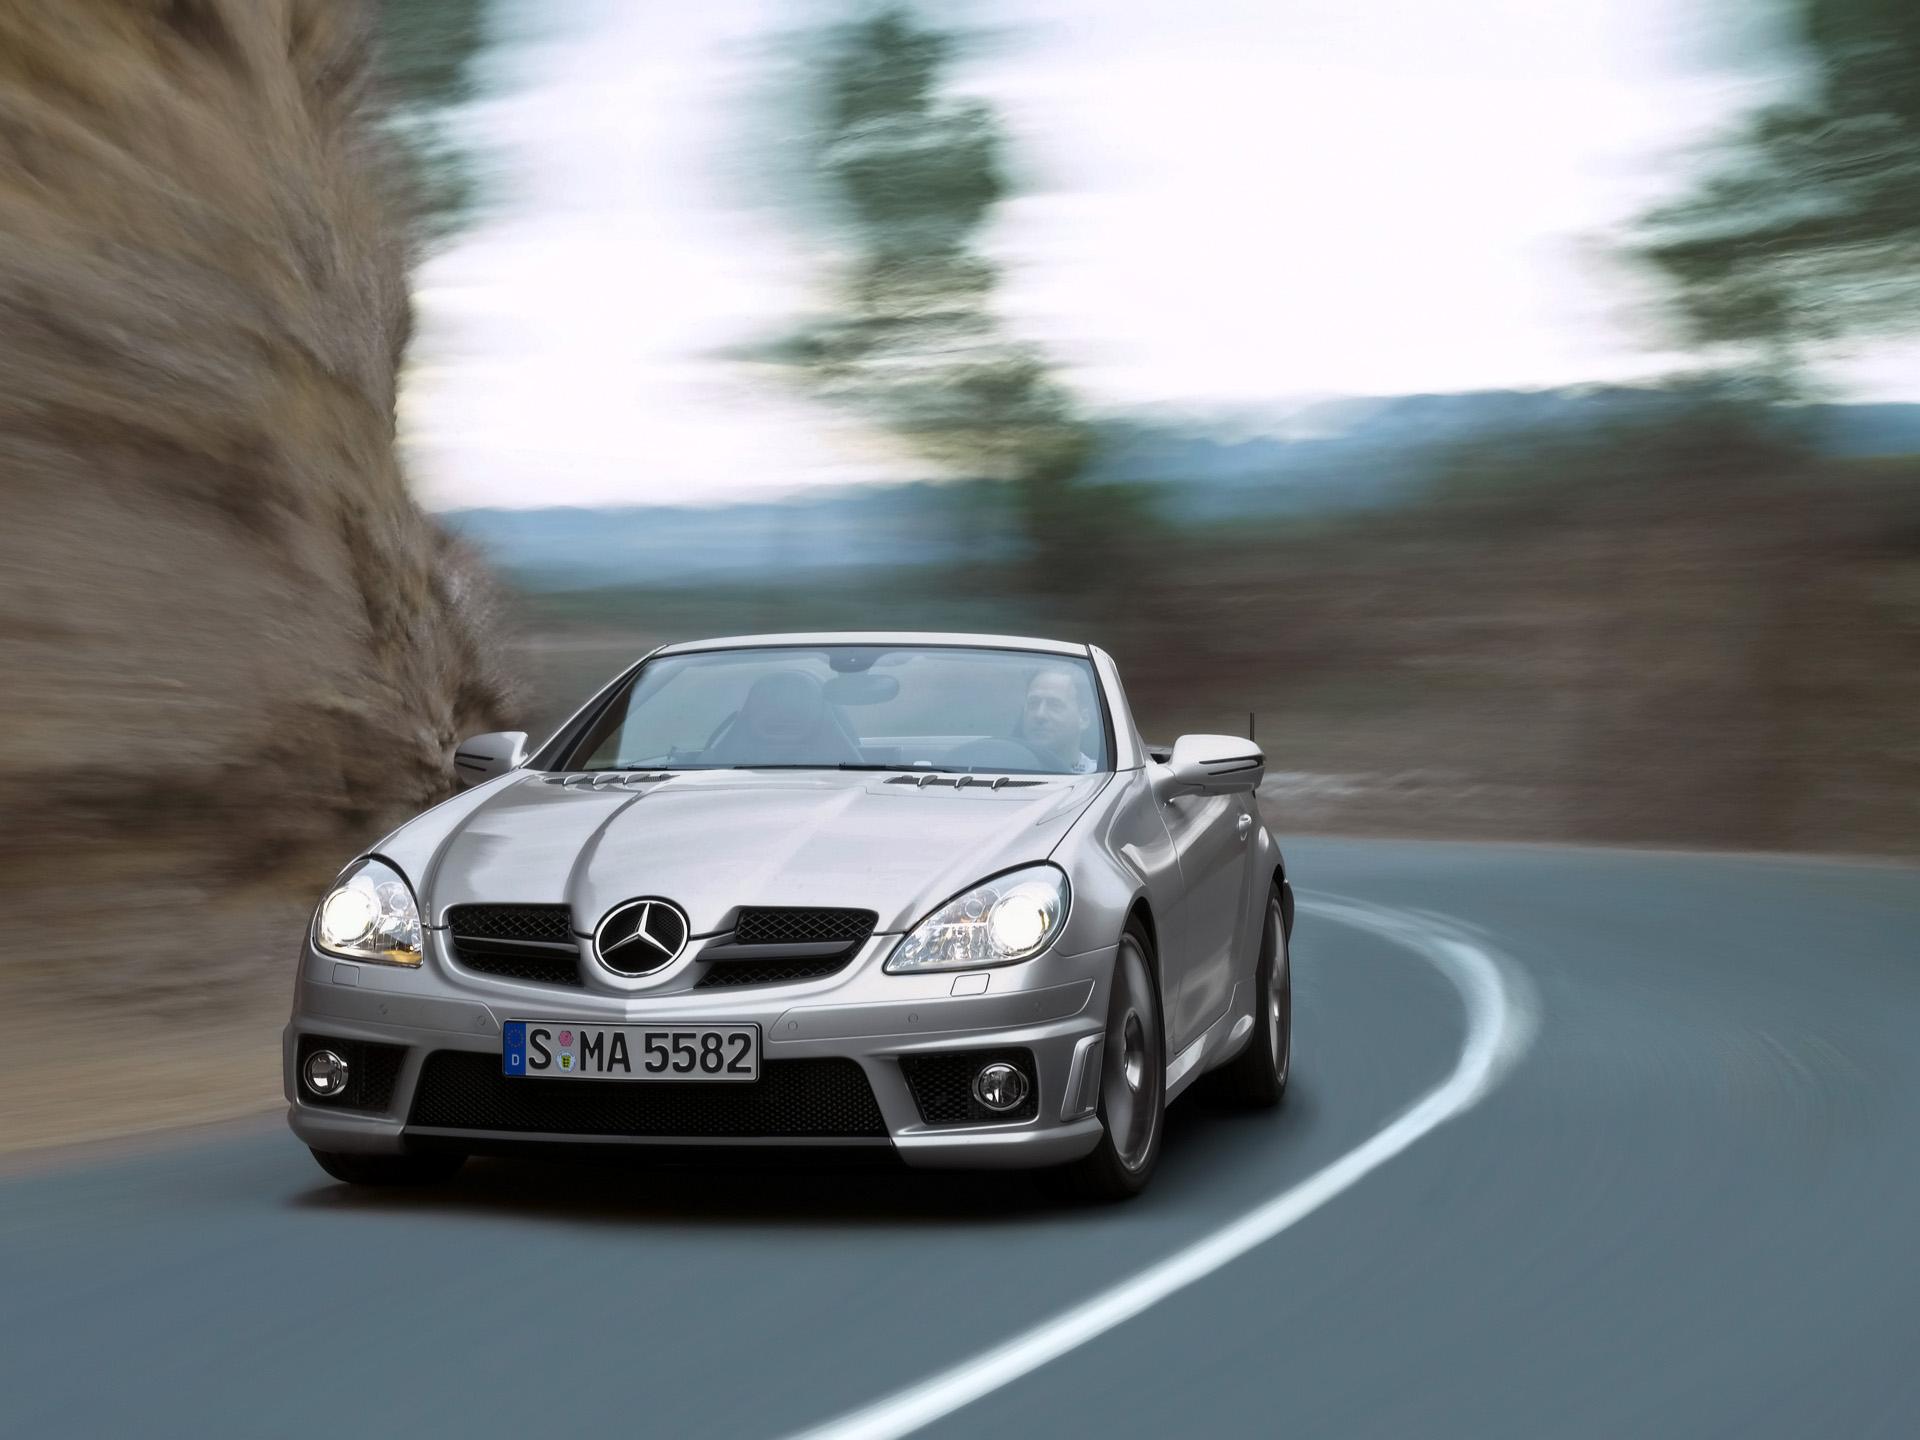 2008 mercedes benz slk 55 amg news and information for Mercedes benz slk 55 amg special edition